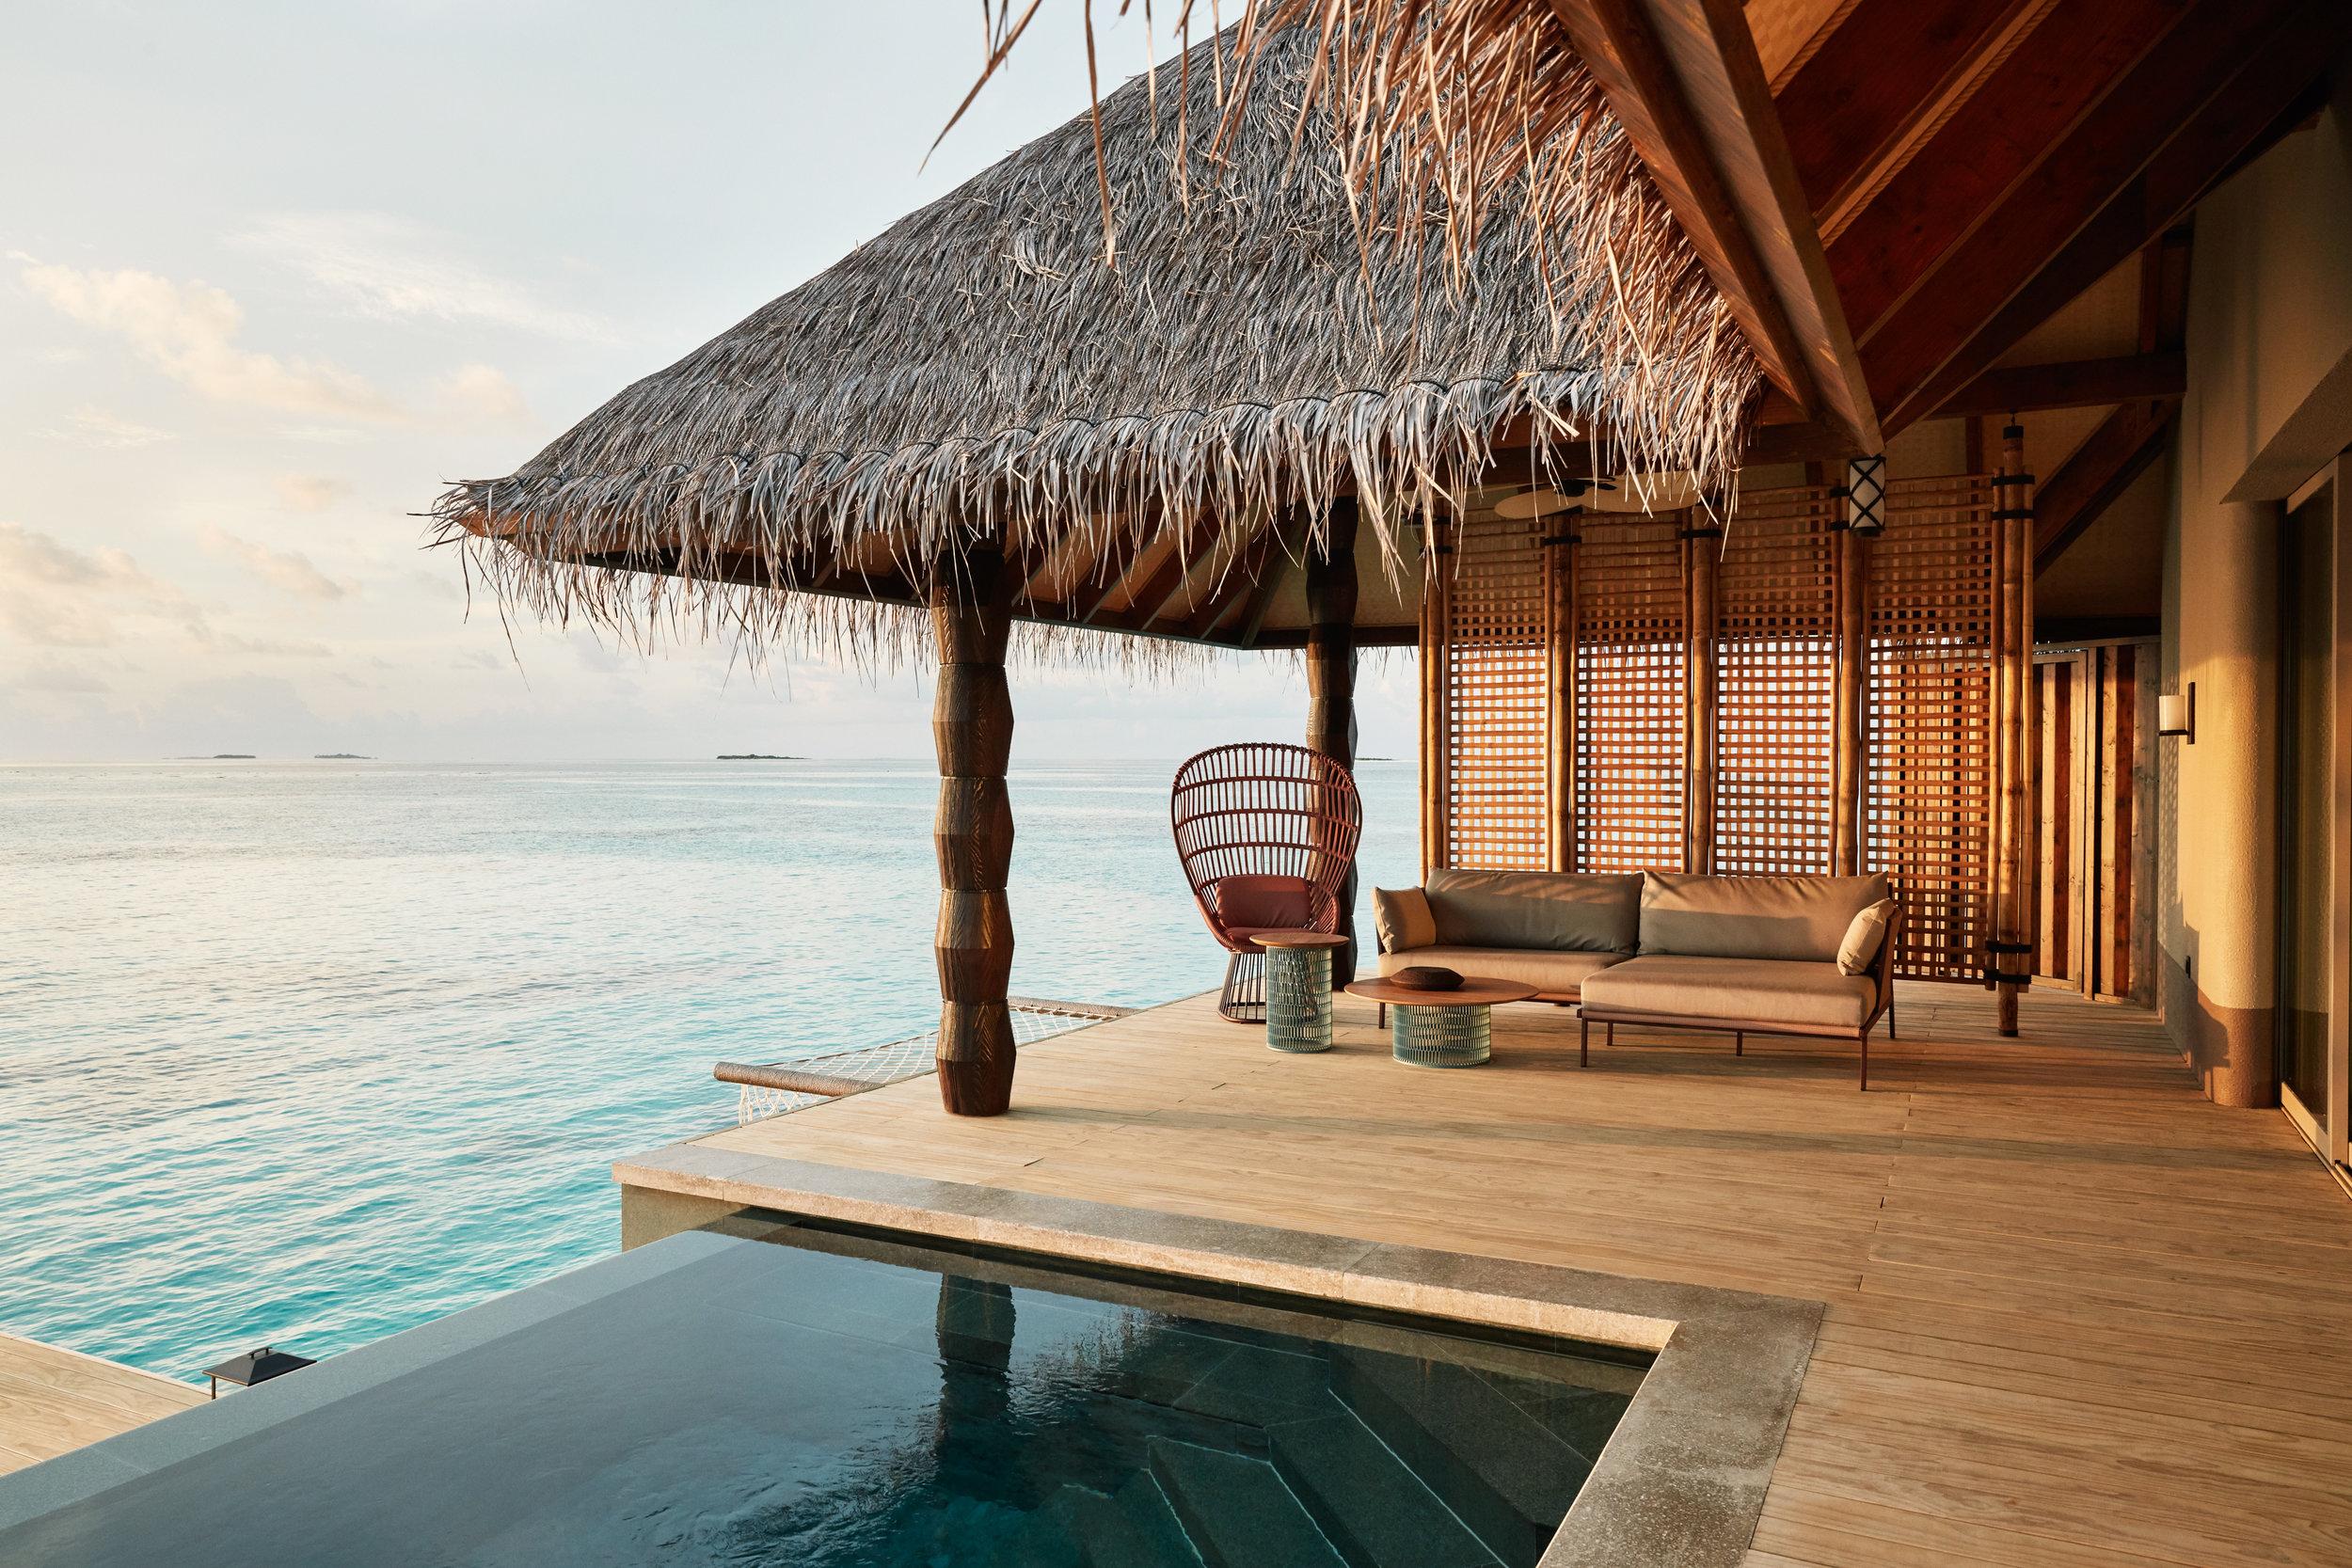 Three Bedroom Ocean Residence with 2 Pools_Deck_1.jpg